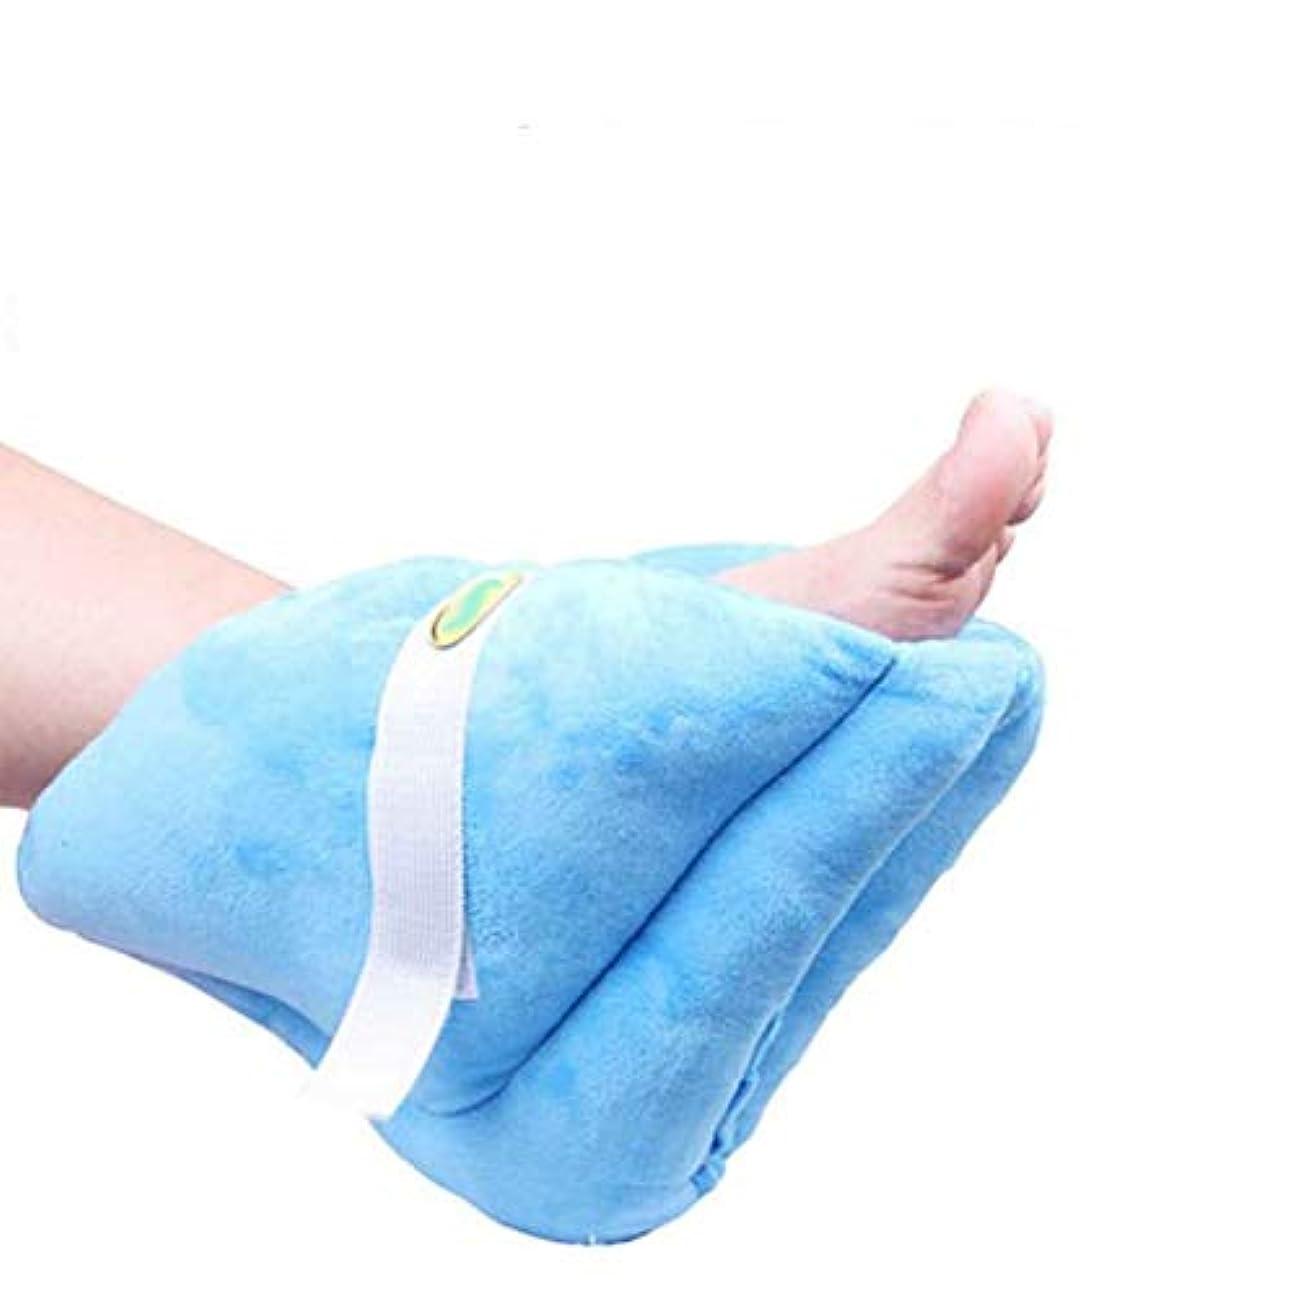 偶然モザイク筋肉のヒールクッションプロテクター - 足と足首の枕 - ヒール保護ガード - 足、肘、かかと - ベッド&褥瘡を保護します,1pc